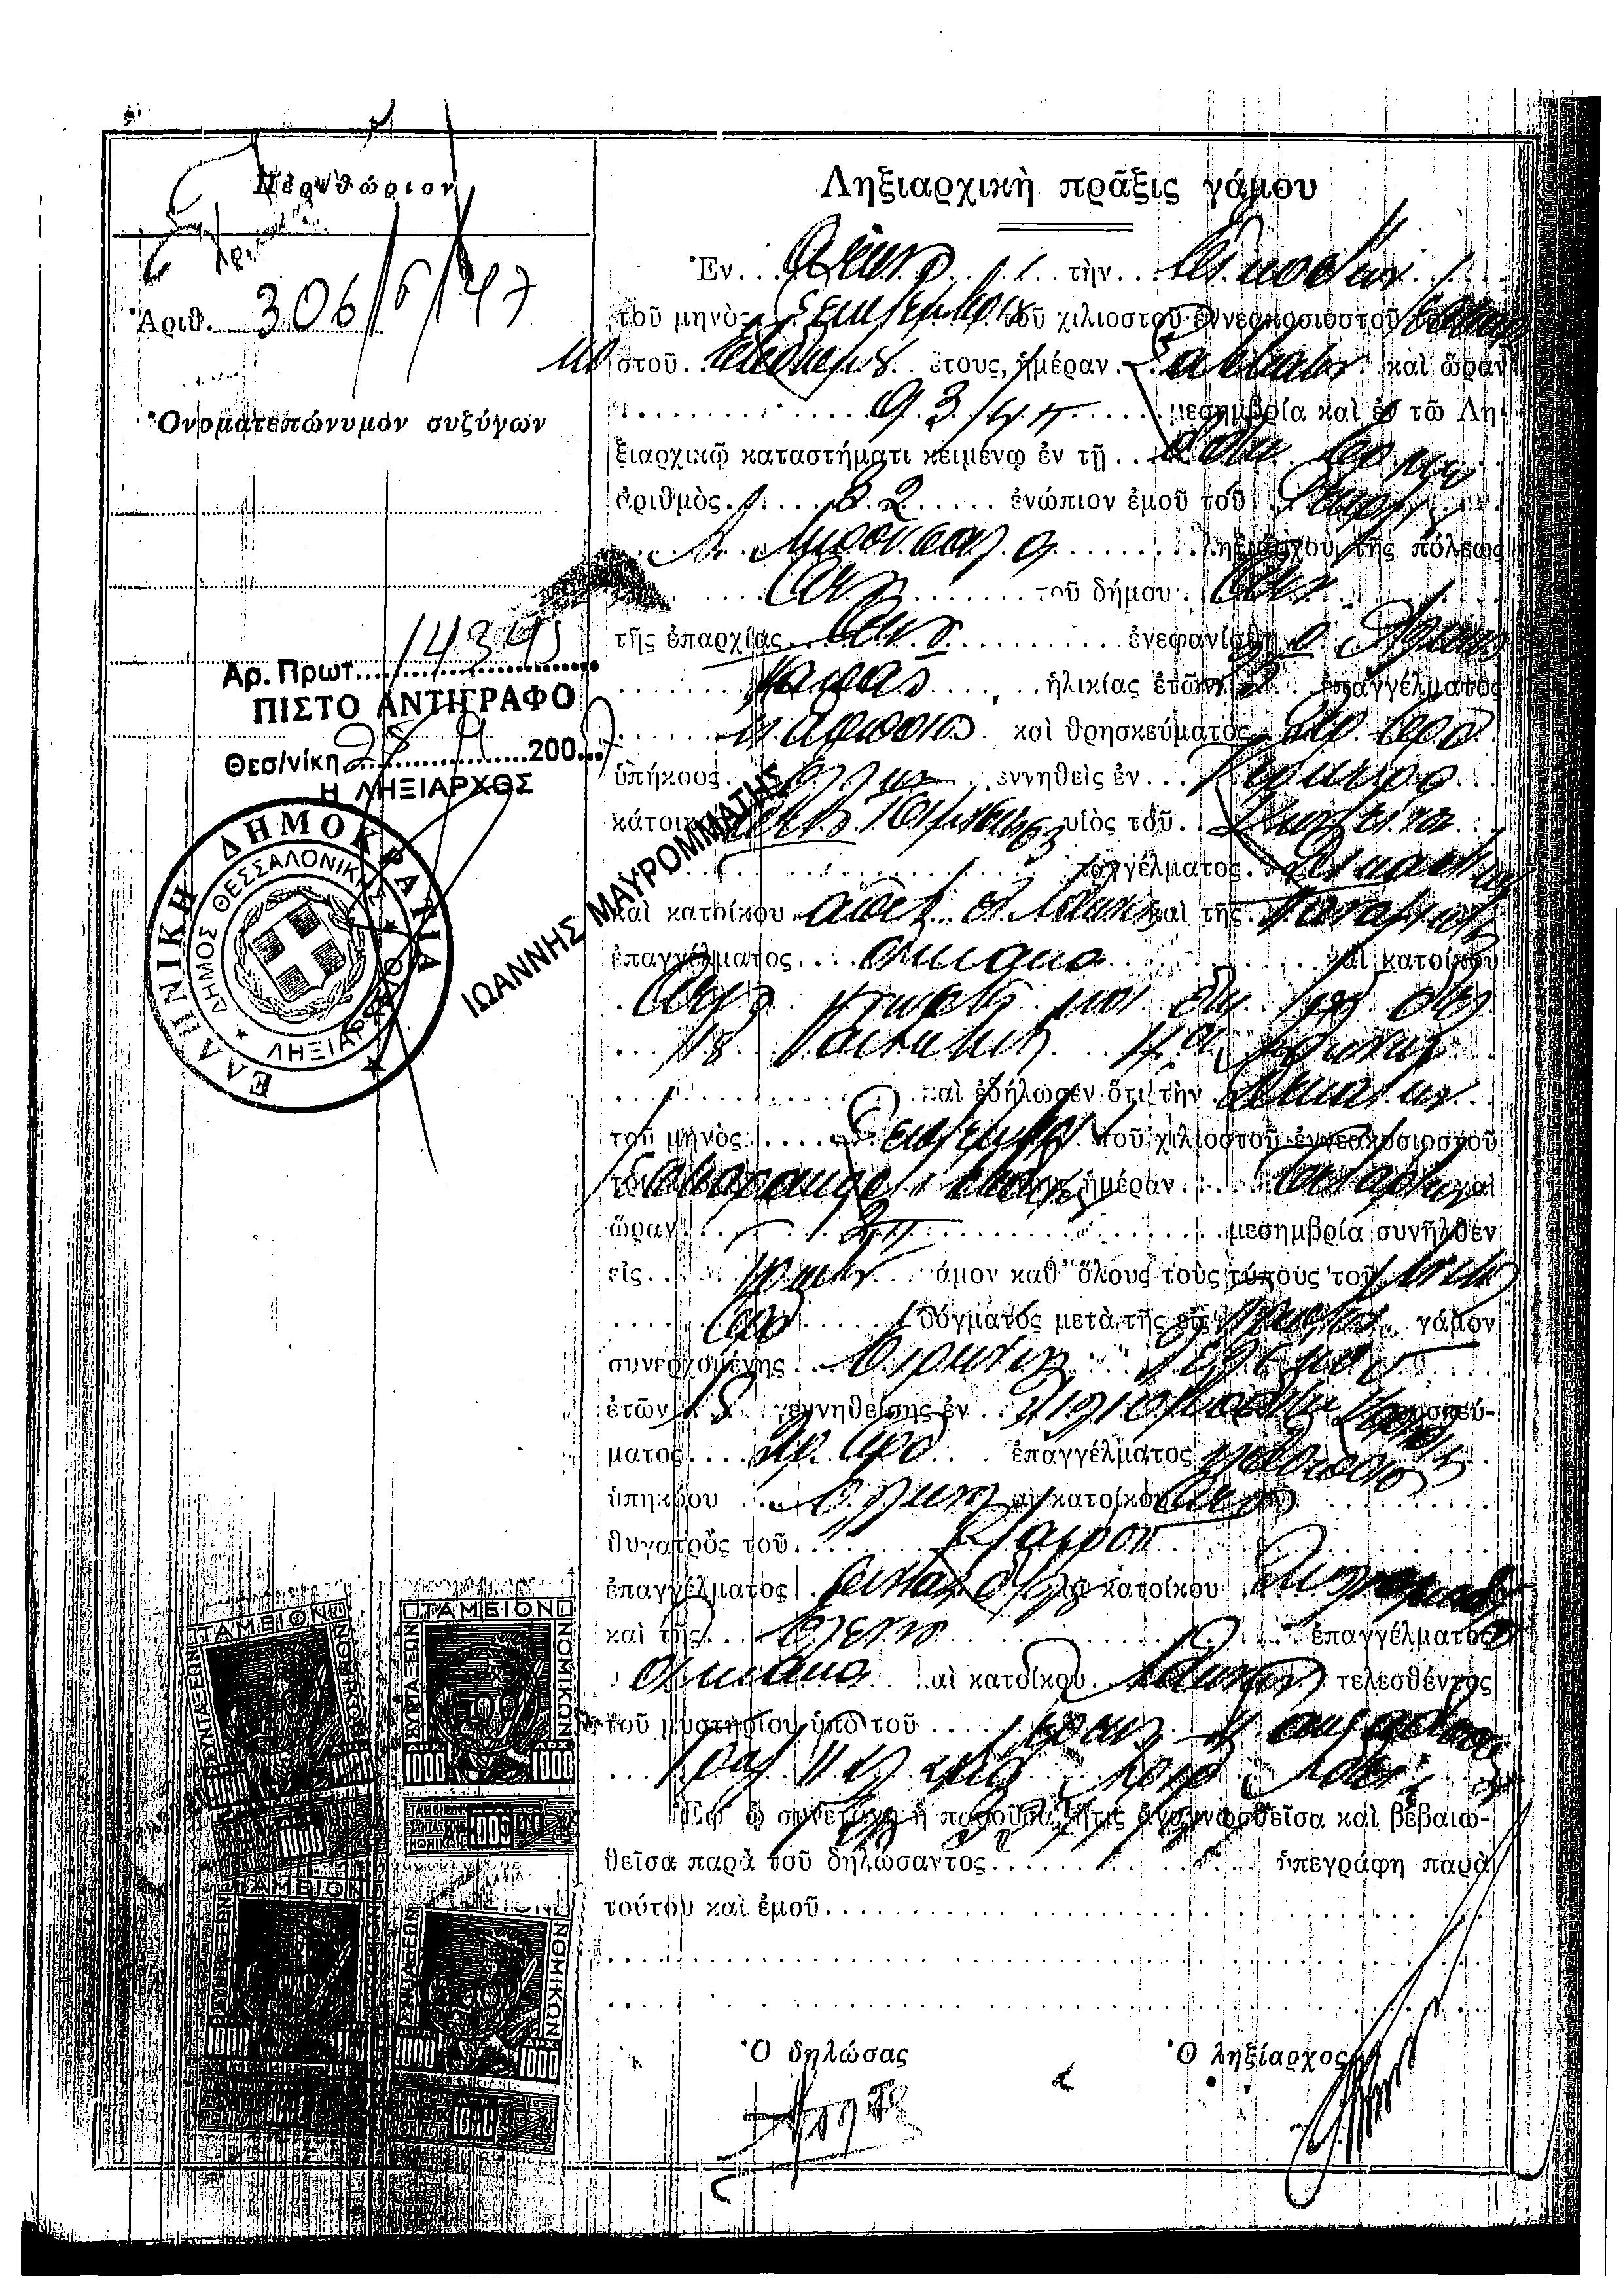 Ληξιαρχική πράξη γάμου Θ. Κλάρα – Ε. Λελέκου (Παππά)2